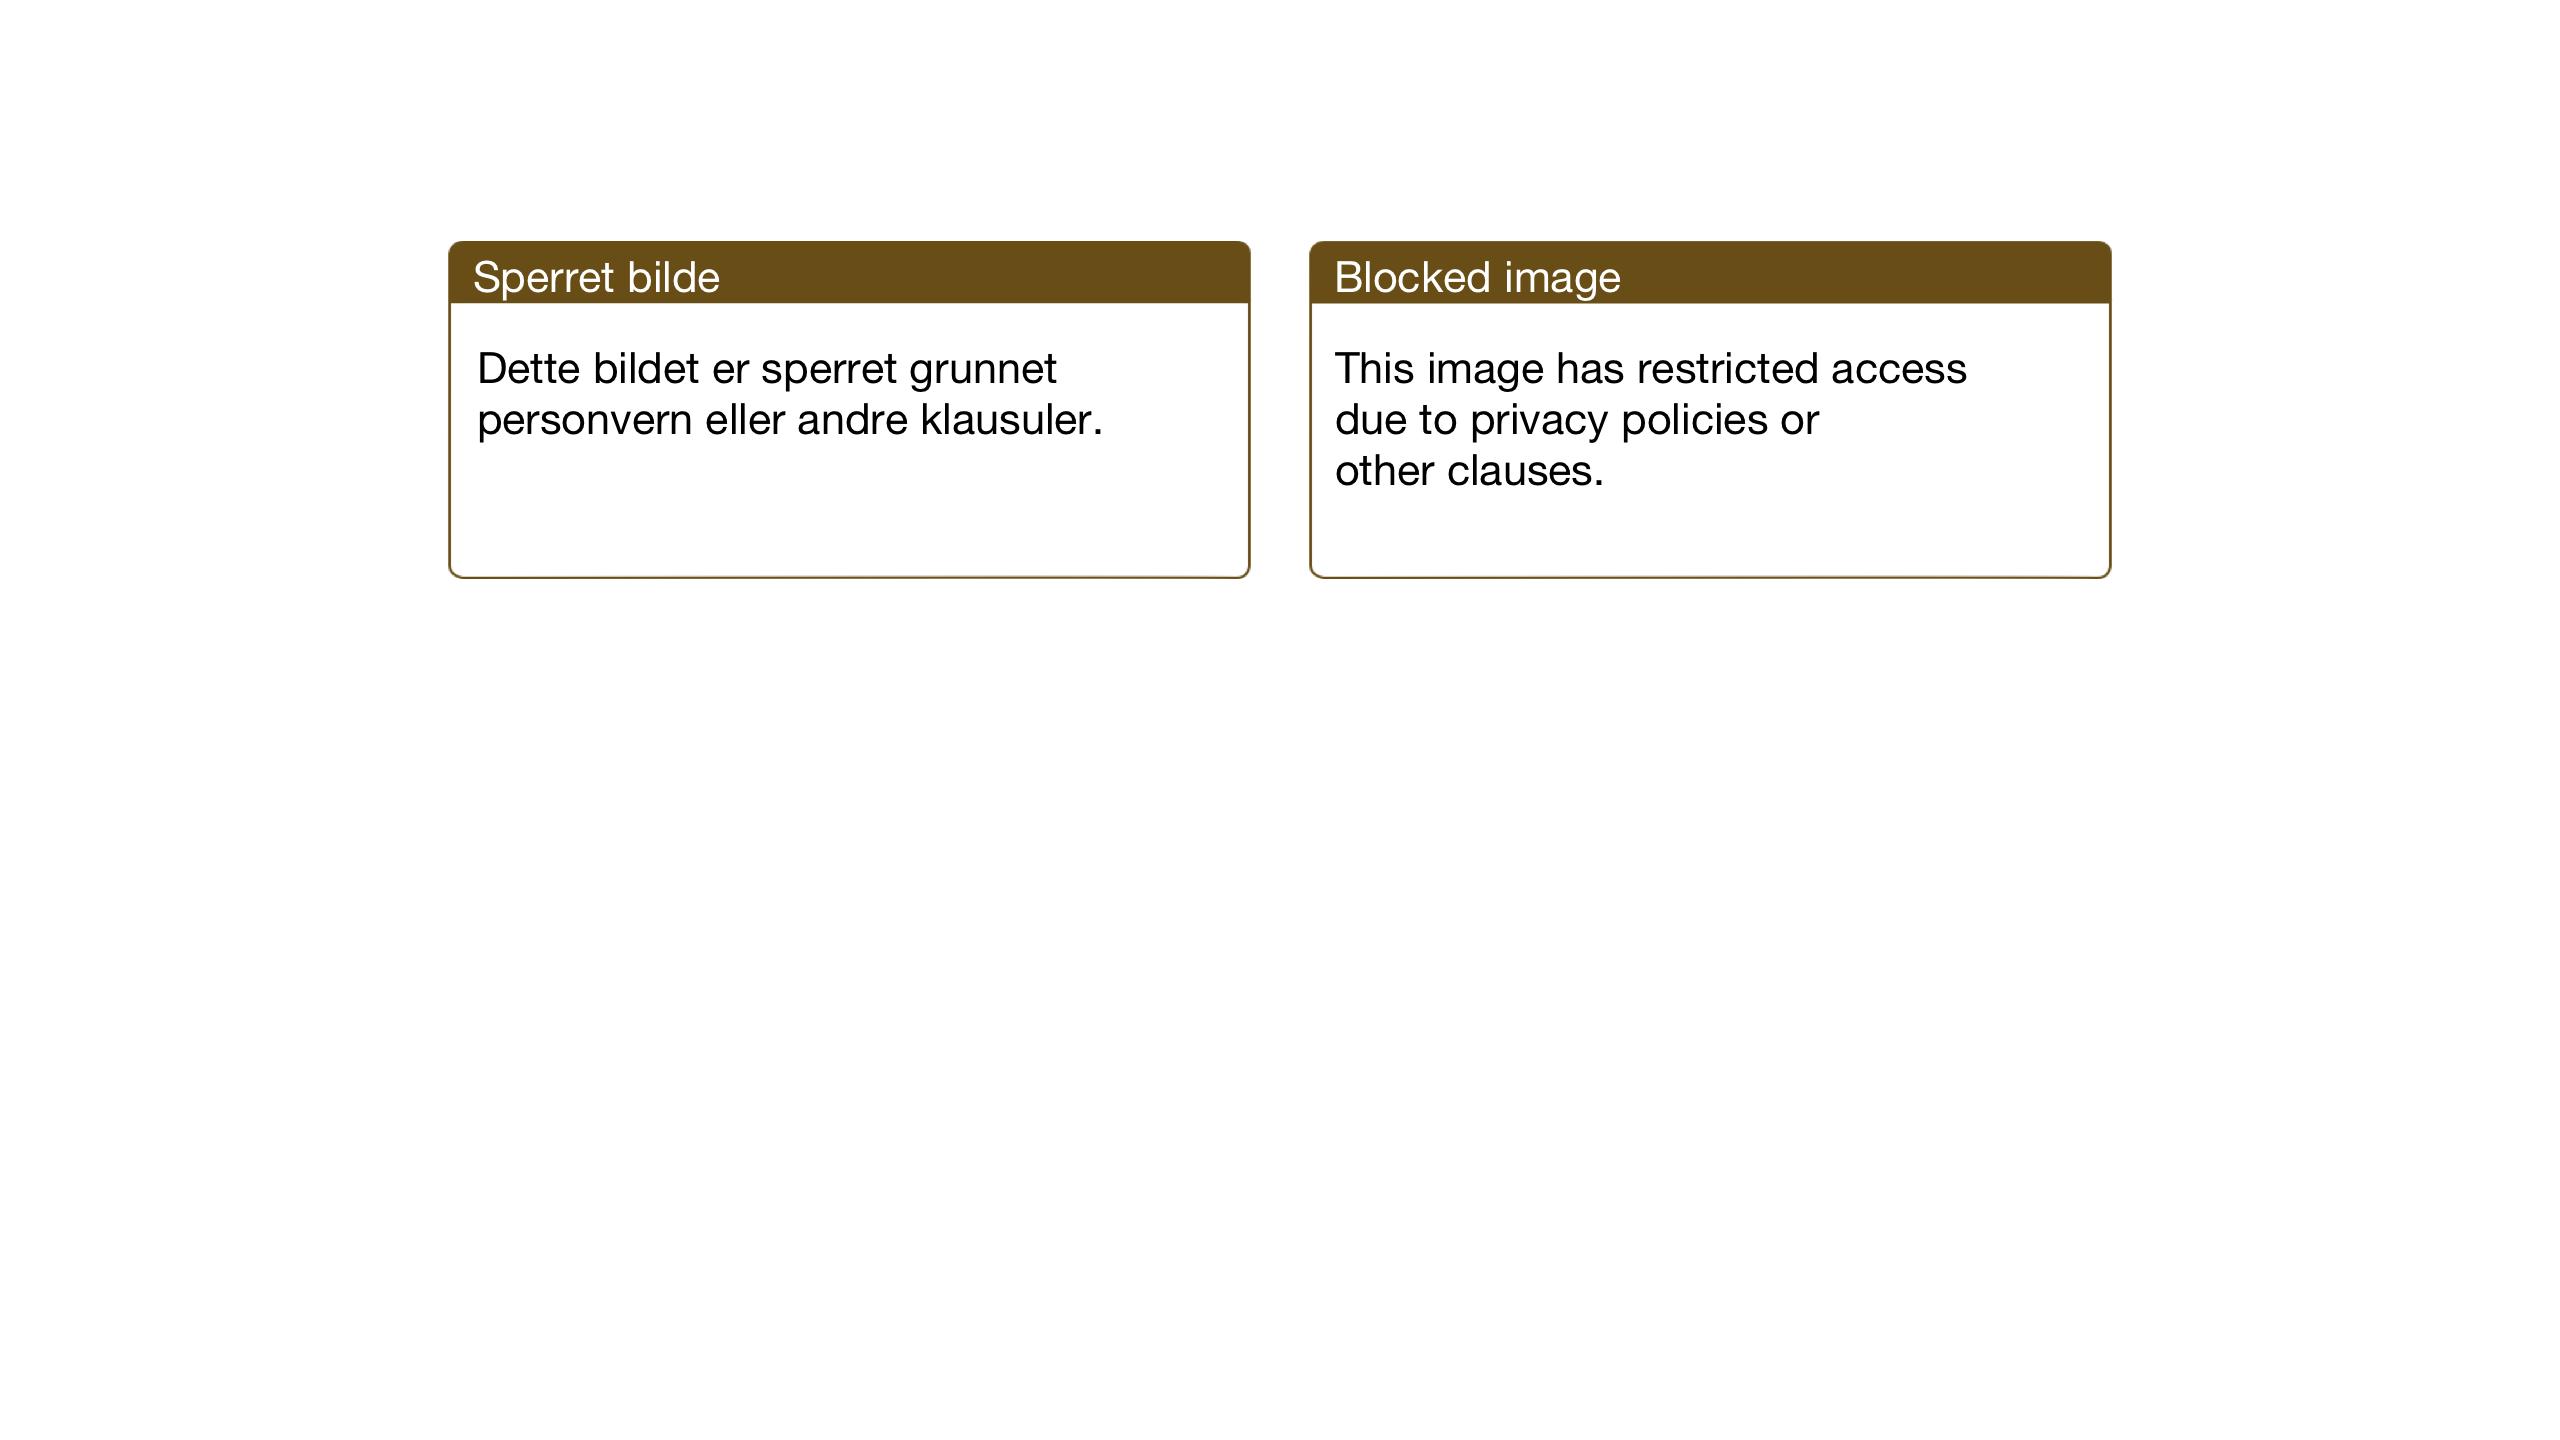 SAT, Ministerialprotokoller, klokkerbøker og fødselsregistre - Sør-Trøndelag, 681/L0944: Klokkerbok nr. 681C08, 1926-1954, s. 25